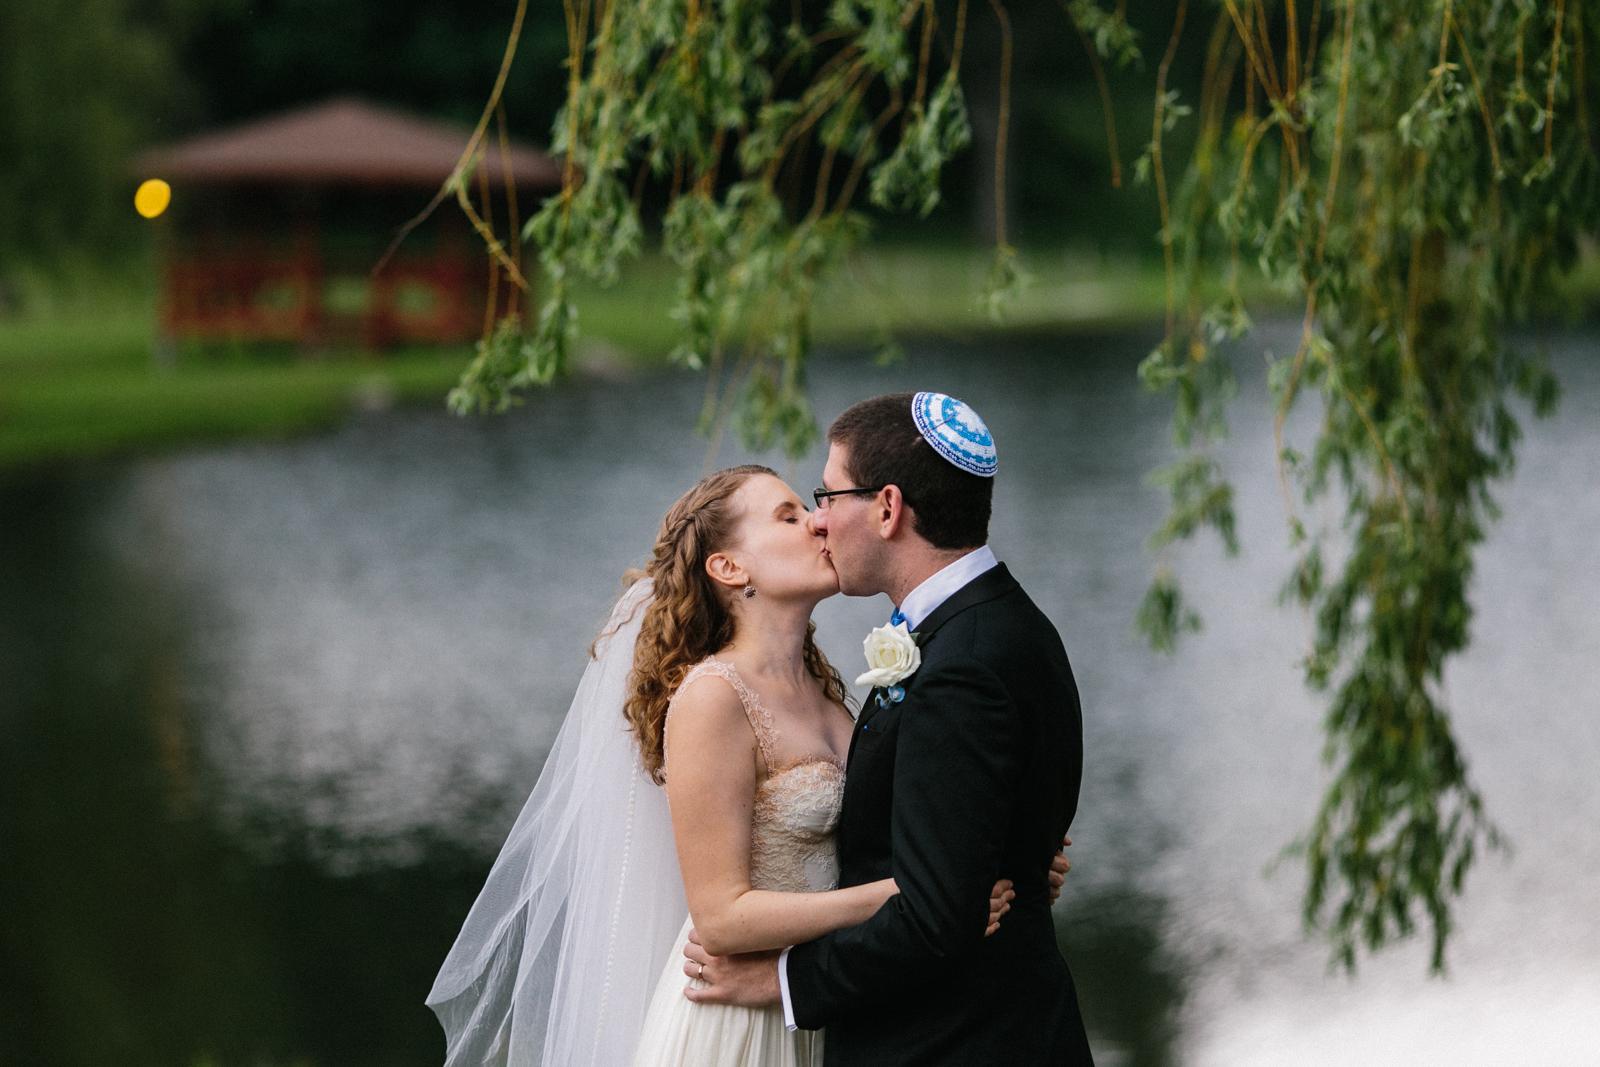 Jewish wedding kiss